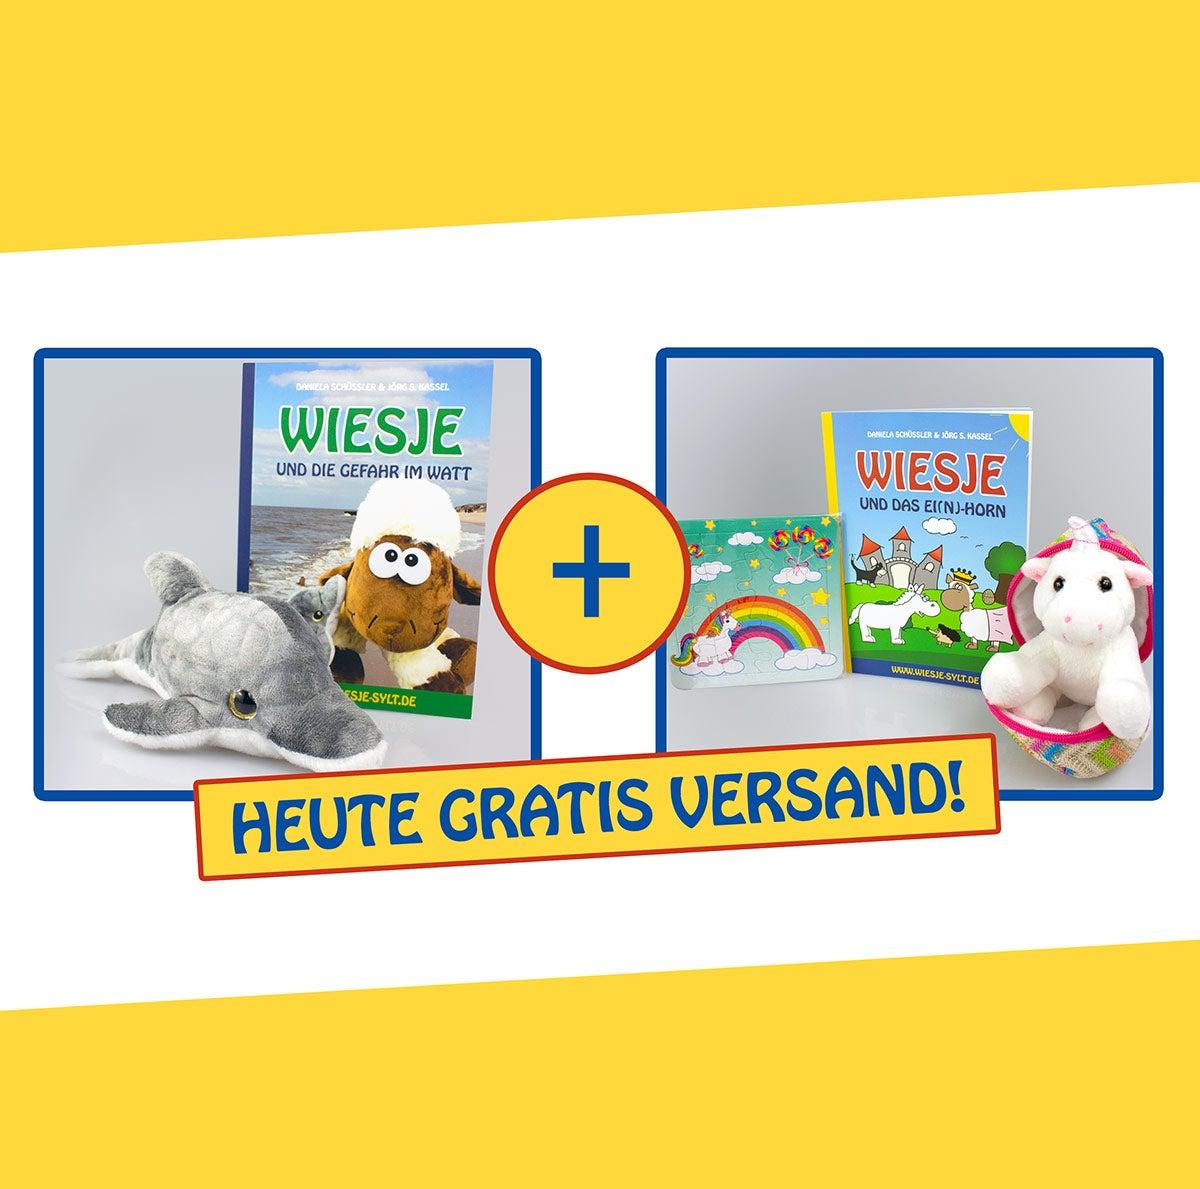 Komplettpaket: Wiesje und die Gefahr im Watt + Wiesje und das Ei(n)-Horn + 2 Stofftiere